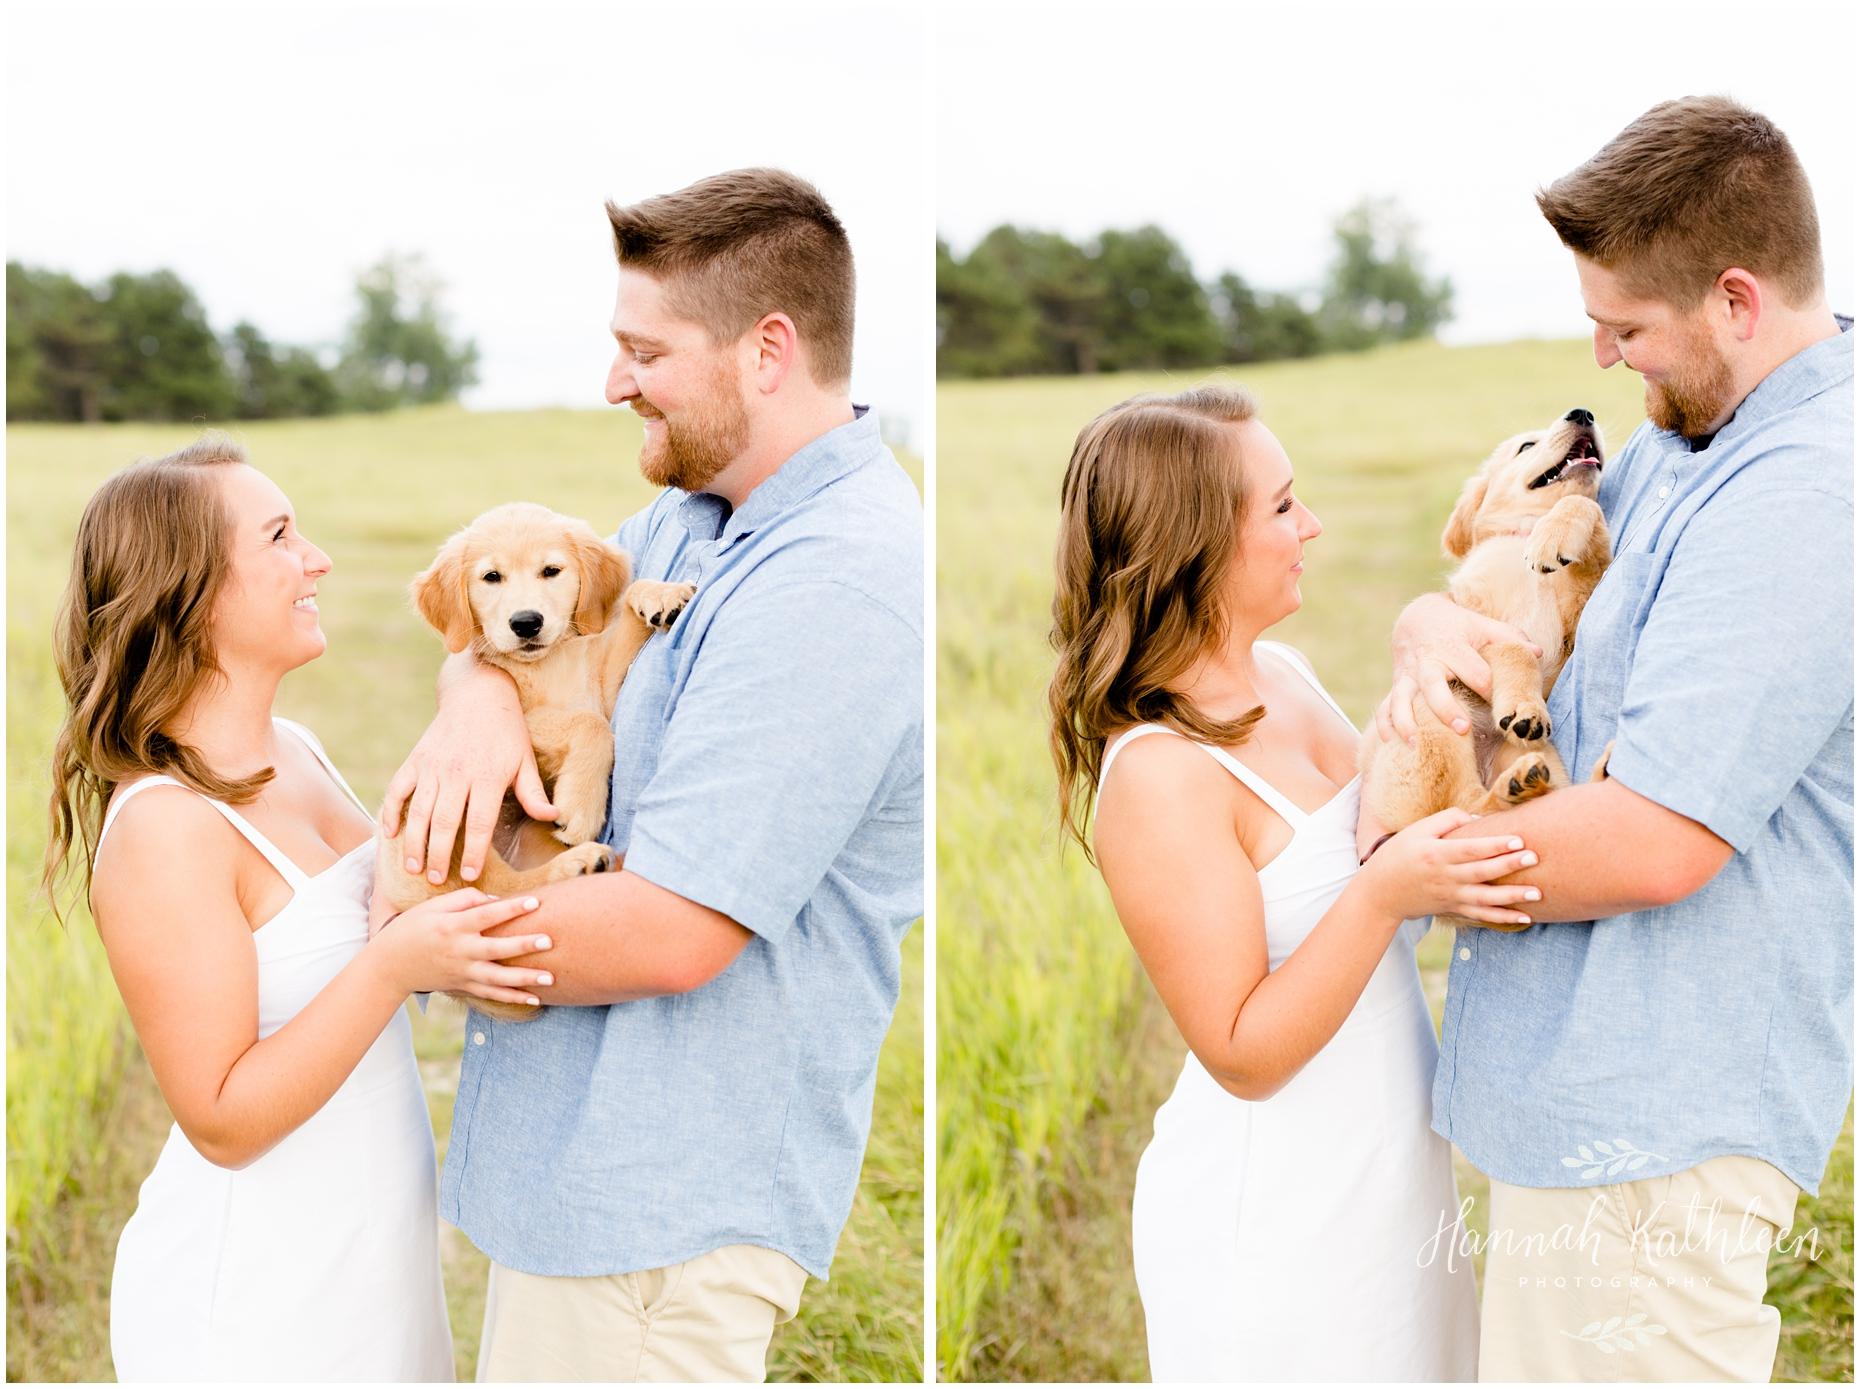 Zack_Kelly_Puppy_Engagement_Photography_Buffalo_NY